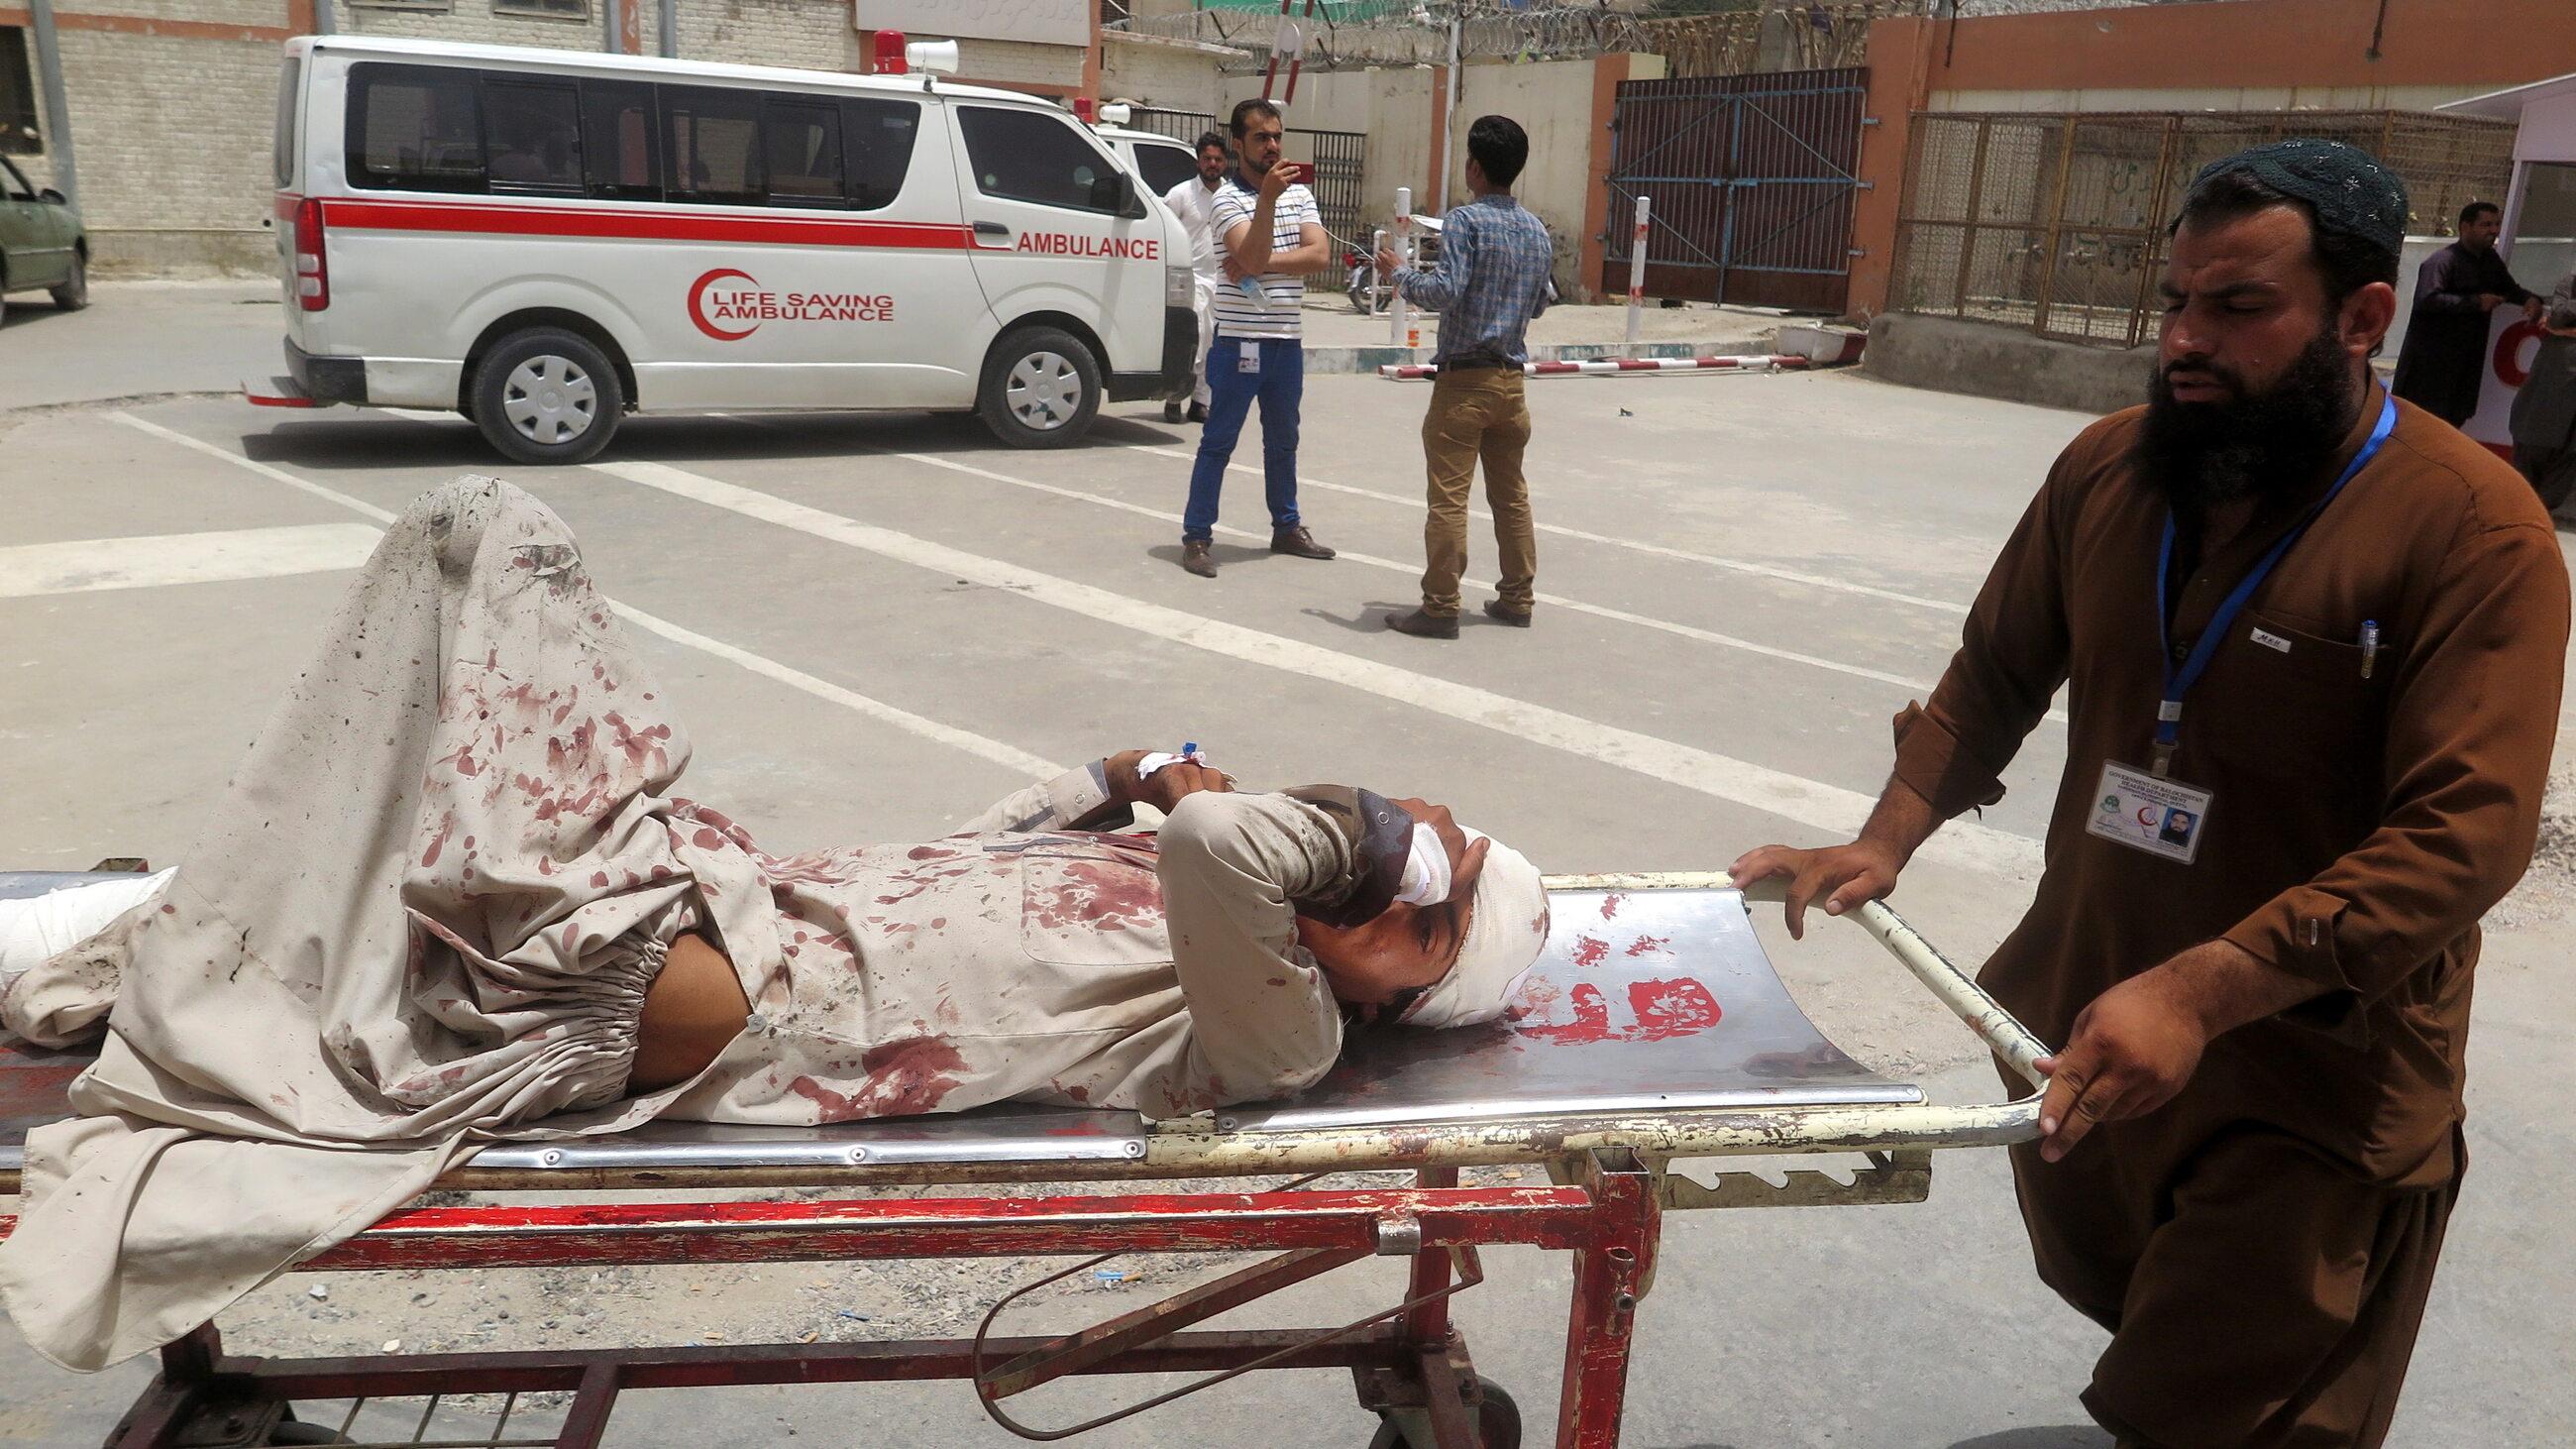 Zamachowiec samobójca wysadził się przed lokalem wyborczym w Quetta, zabijając co najmniej 31 osób.